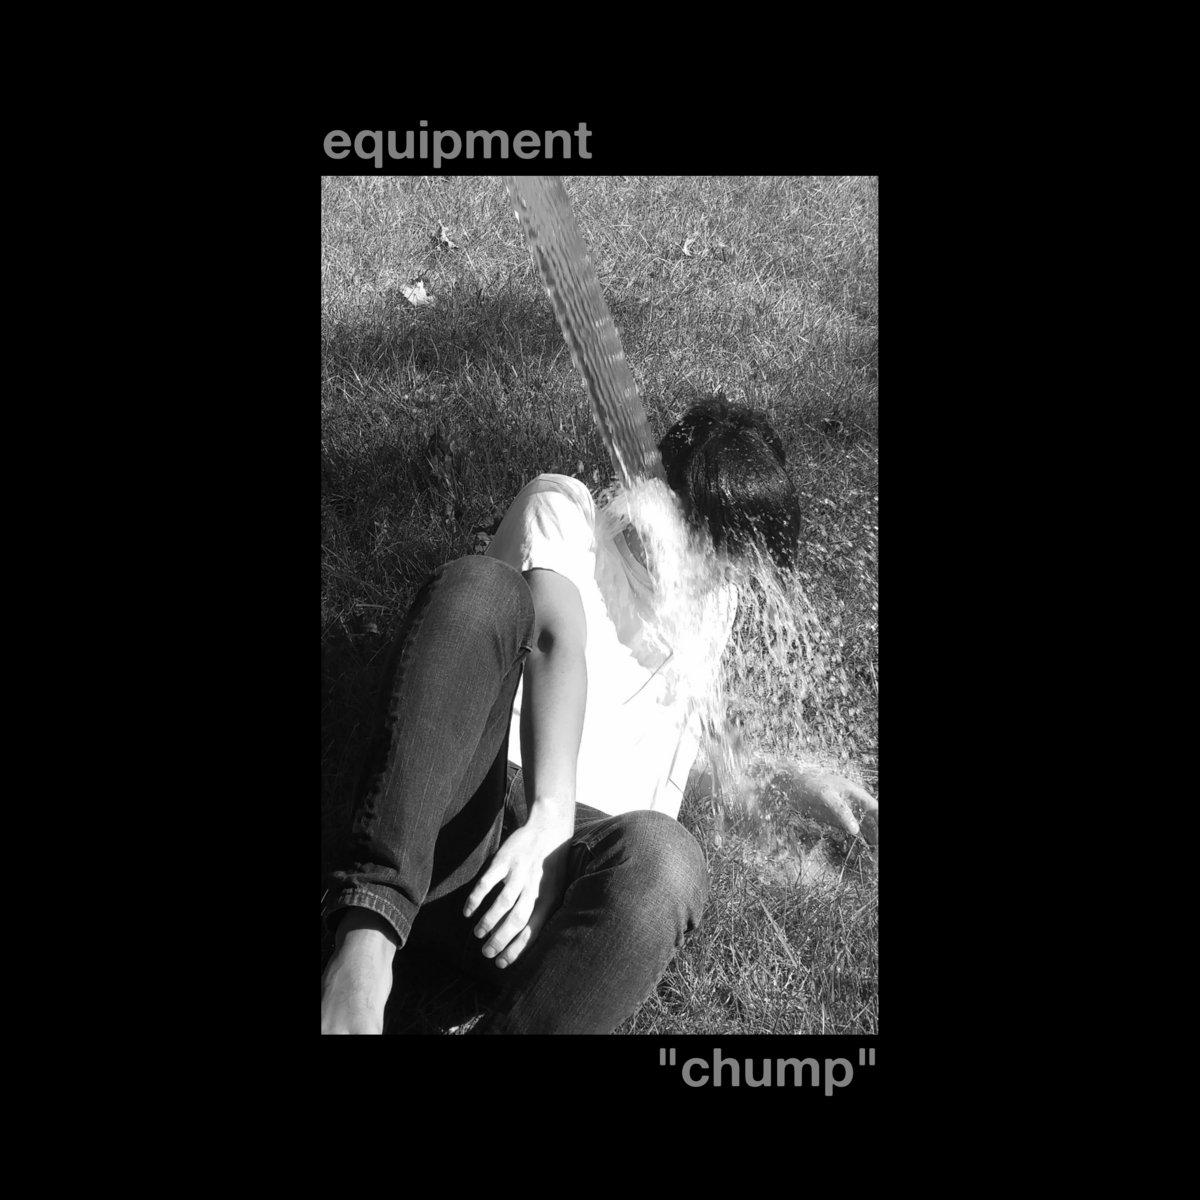 Equipment - Chump